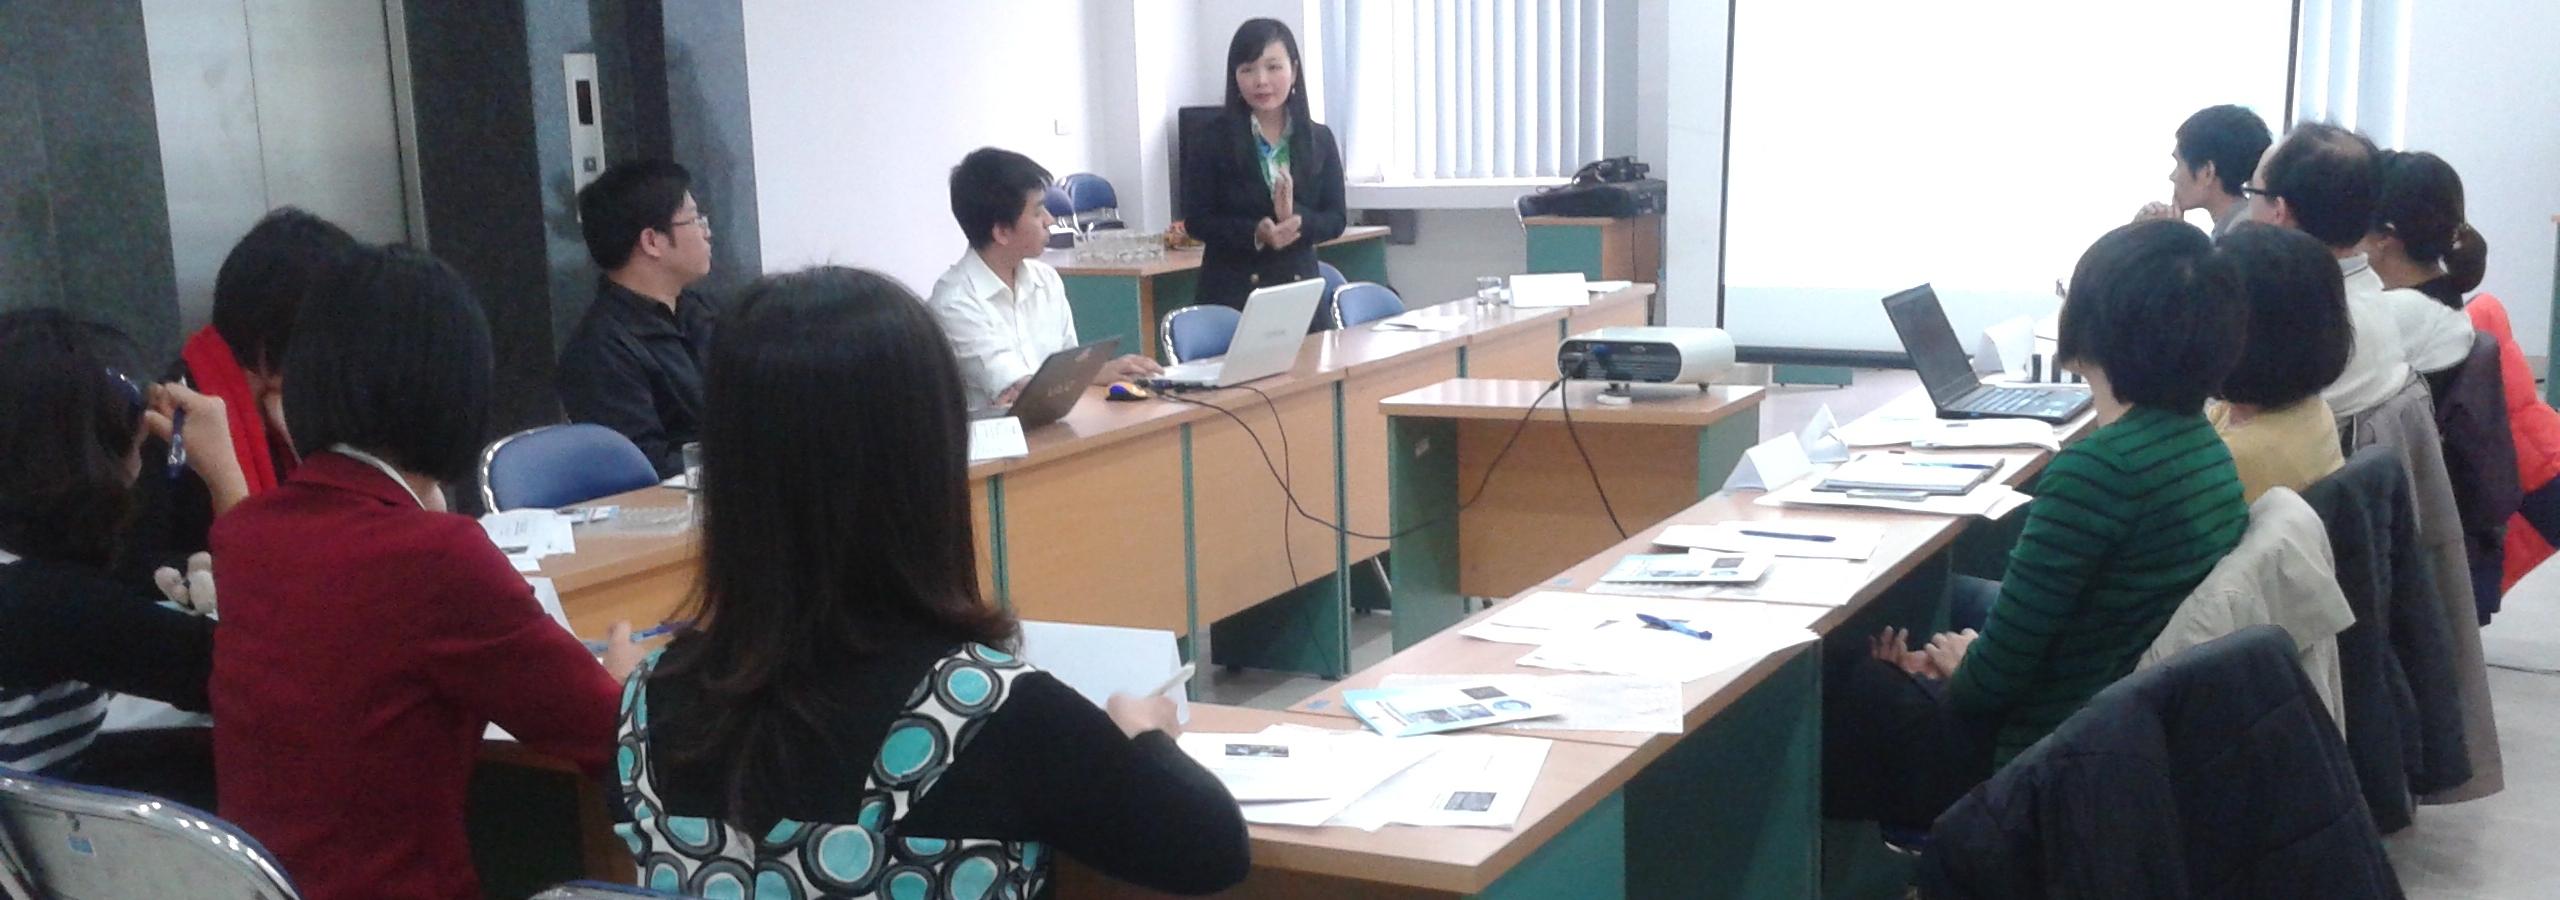 Hội thảo Đối thoại định kỳ tại Hà Nội, tháng 11/2013